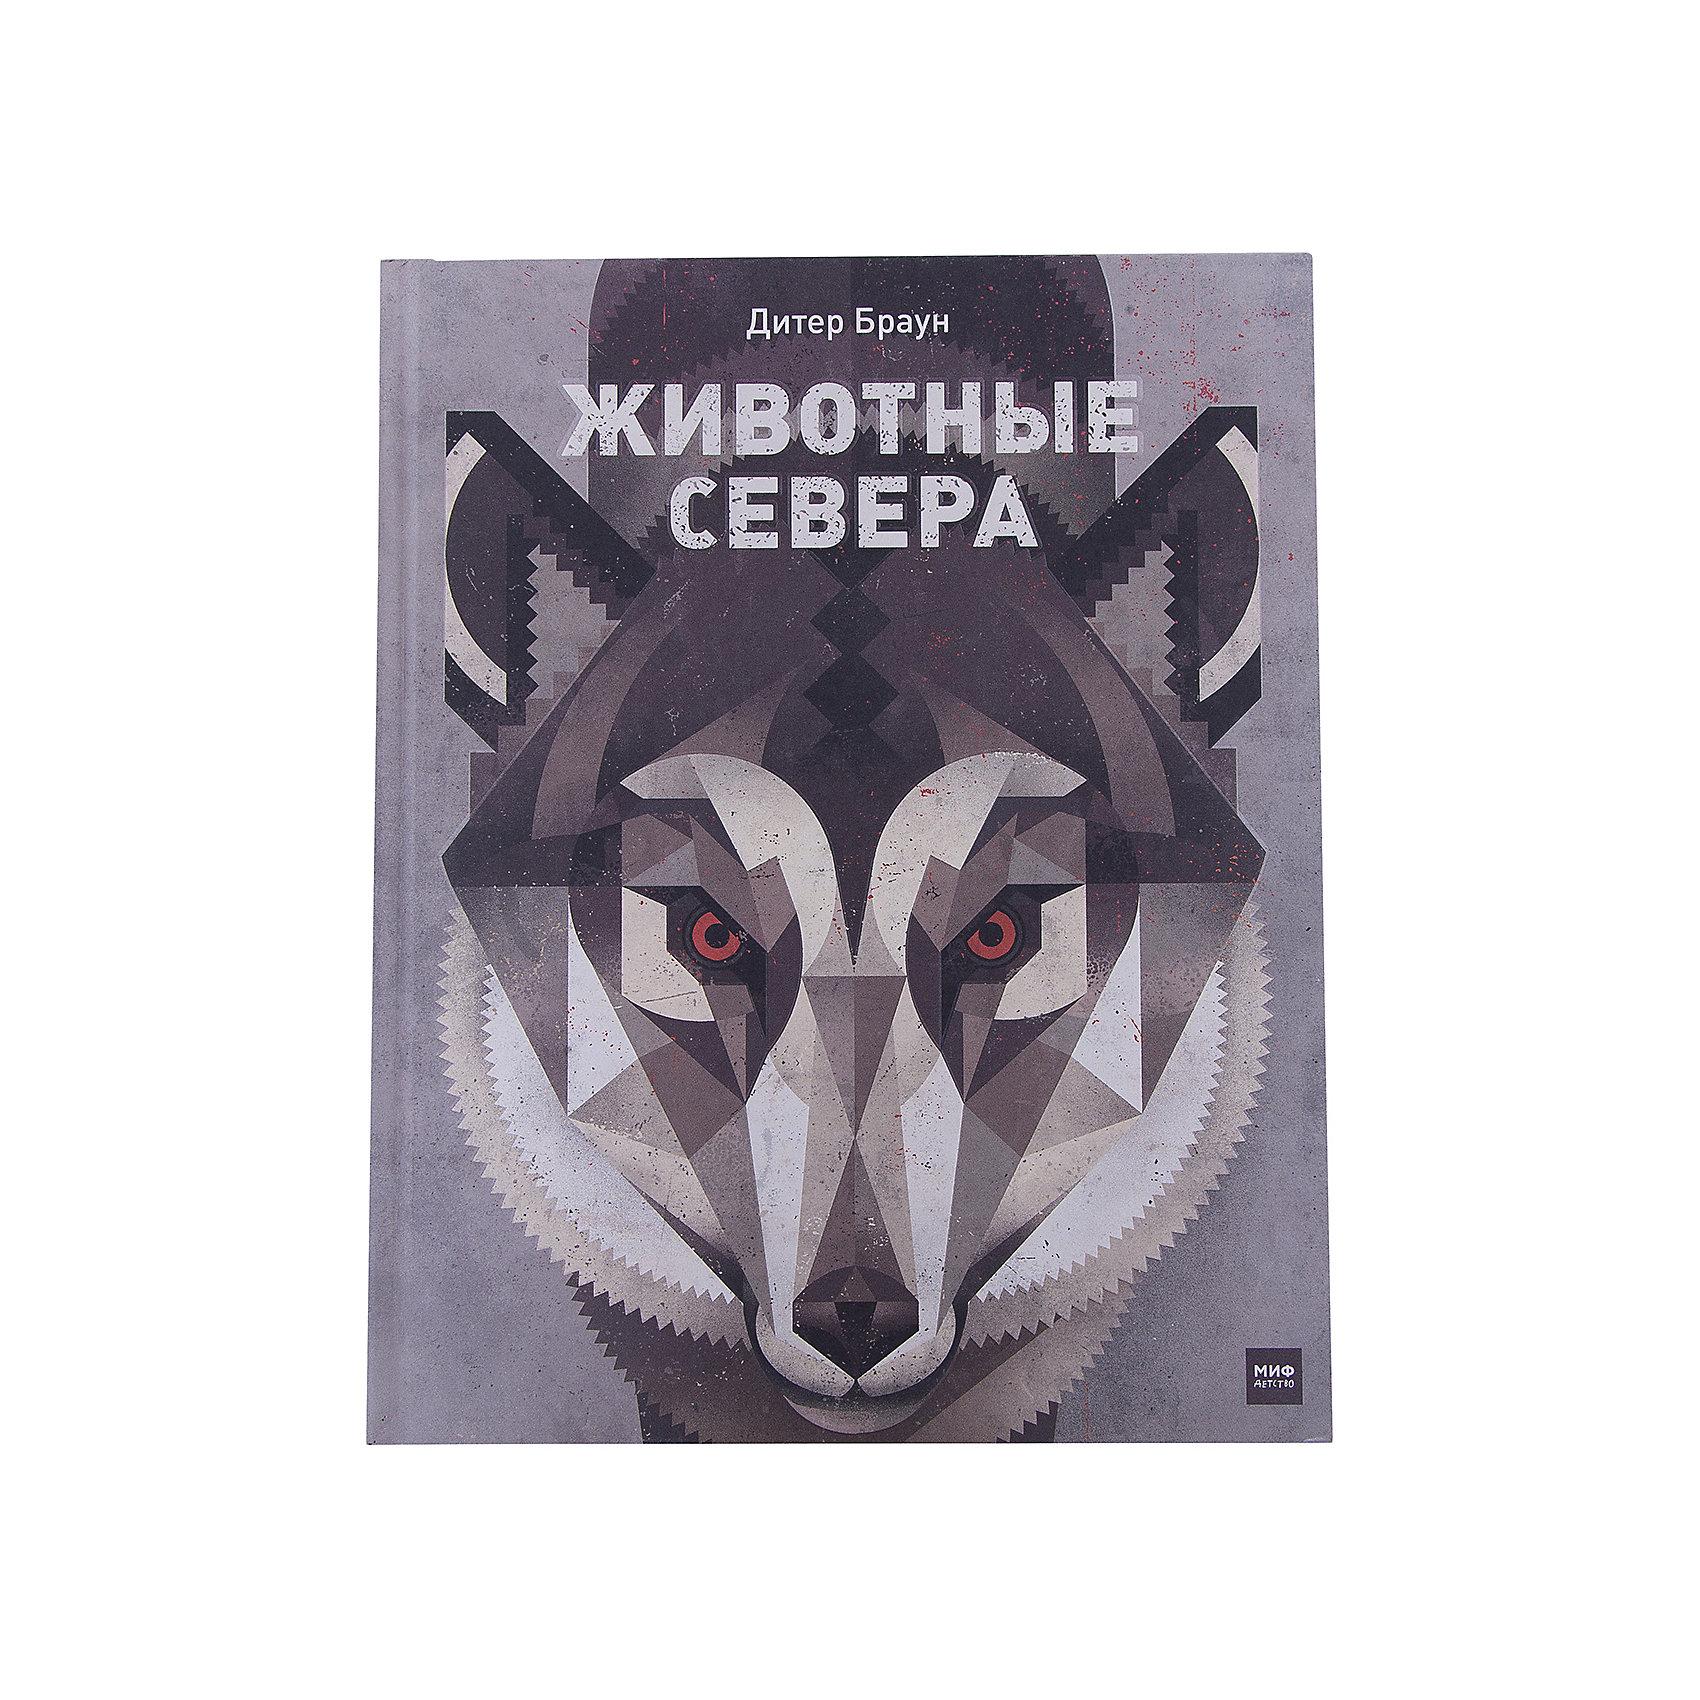 Книга Животные СевераЭнциклопедии<br>Книга большого формата с плакатными иллюстрациями известного немецкого дизайнера Дитера Брауна и небольшими пояснительными текстами познакомит детей с животными Северного полушария Земли.<br><br>Ширина мм: 310<br>Глубина мм: 250<br>Высота мм: 20<br>Вес г: 860<br>Возраст от месяцев: 168<br>Возраст до месяцев: 168<br>Пол: Унисекс<br>Возраст: Детский<br>SKU: 5535158